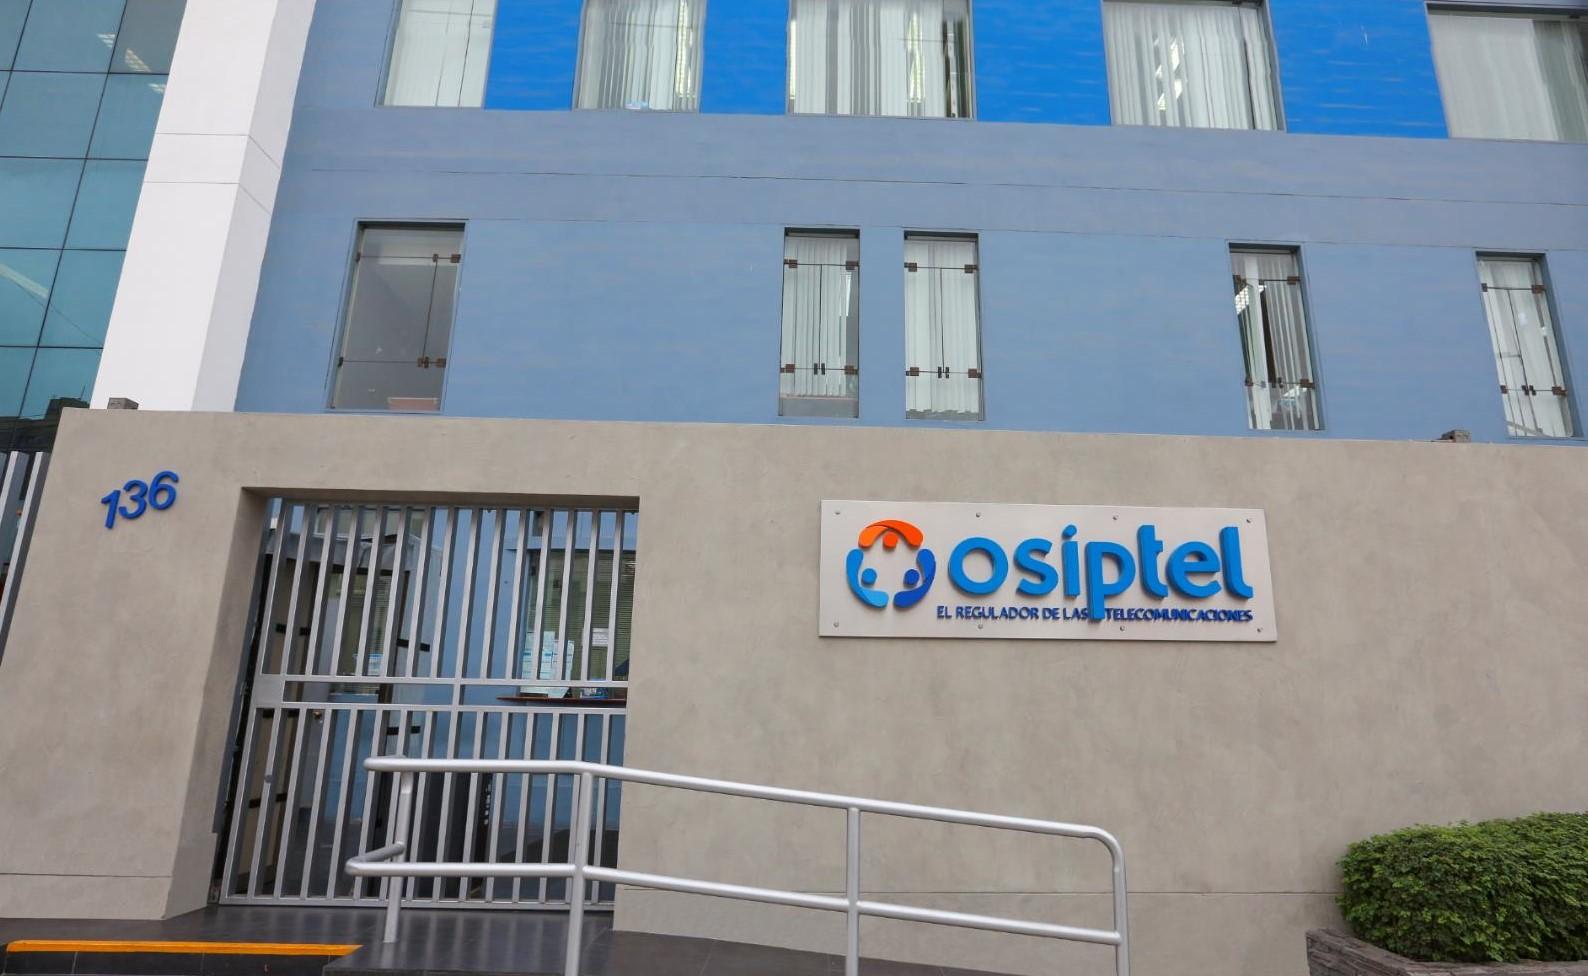 Cableoperadores confían que Osiptel ratificará su participación en el mercado